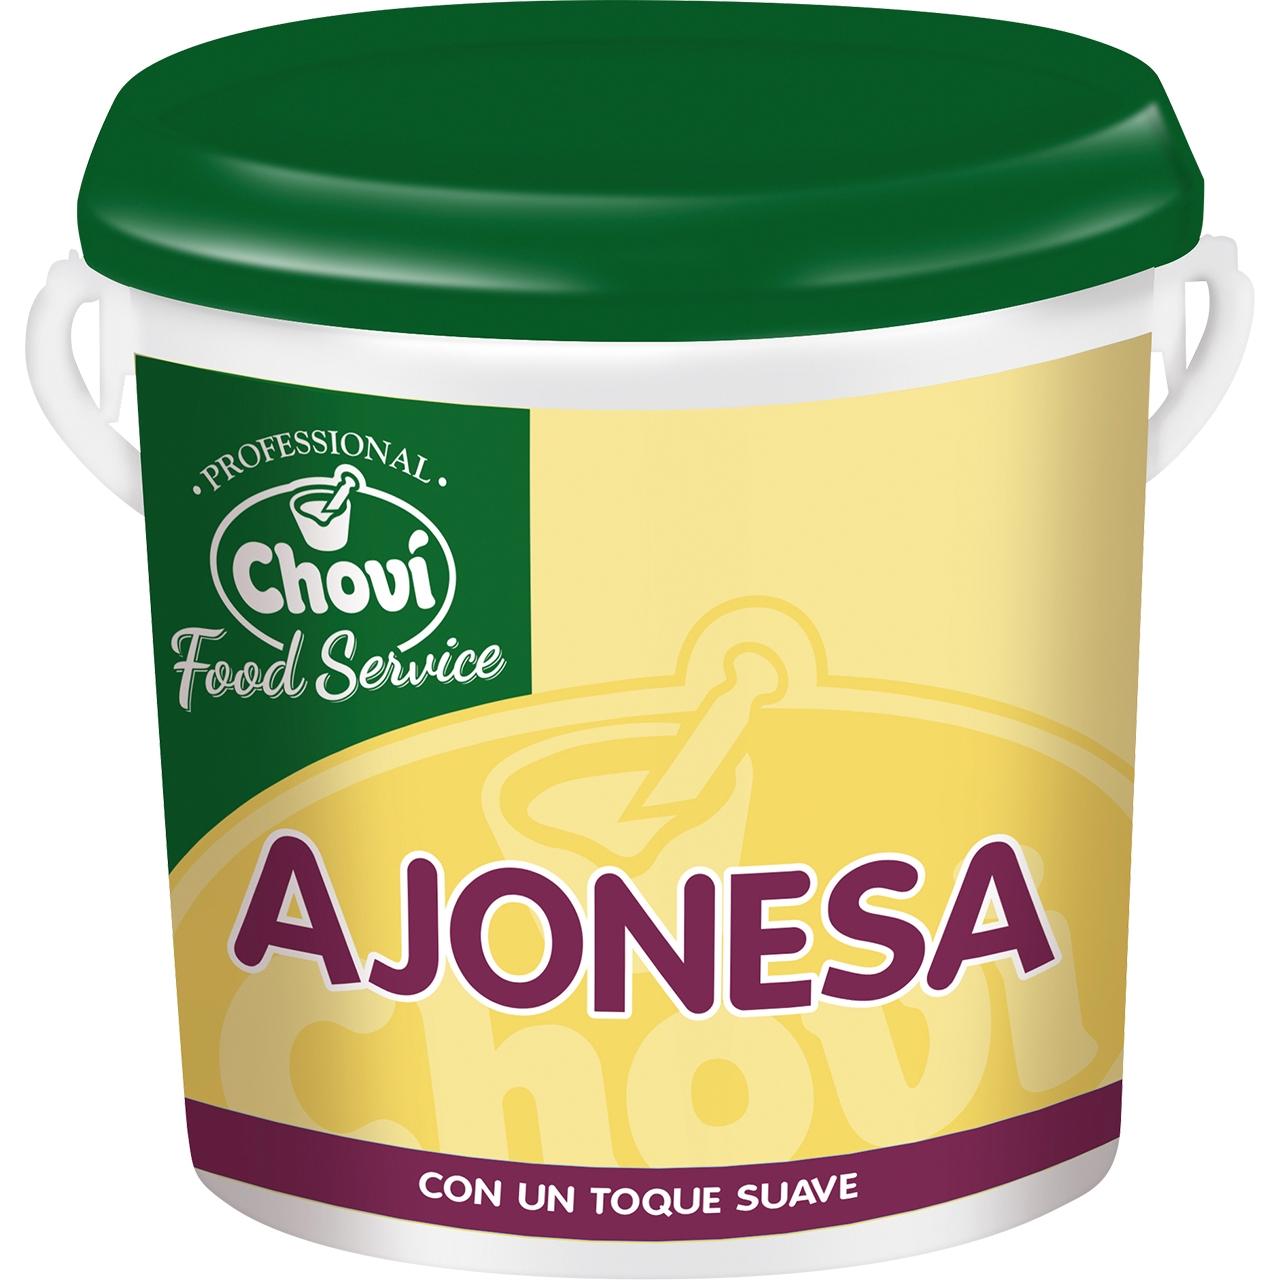 Salsa ajonesa con huevo campesino 2kg. Choví